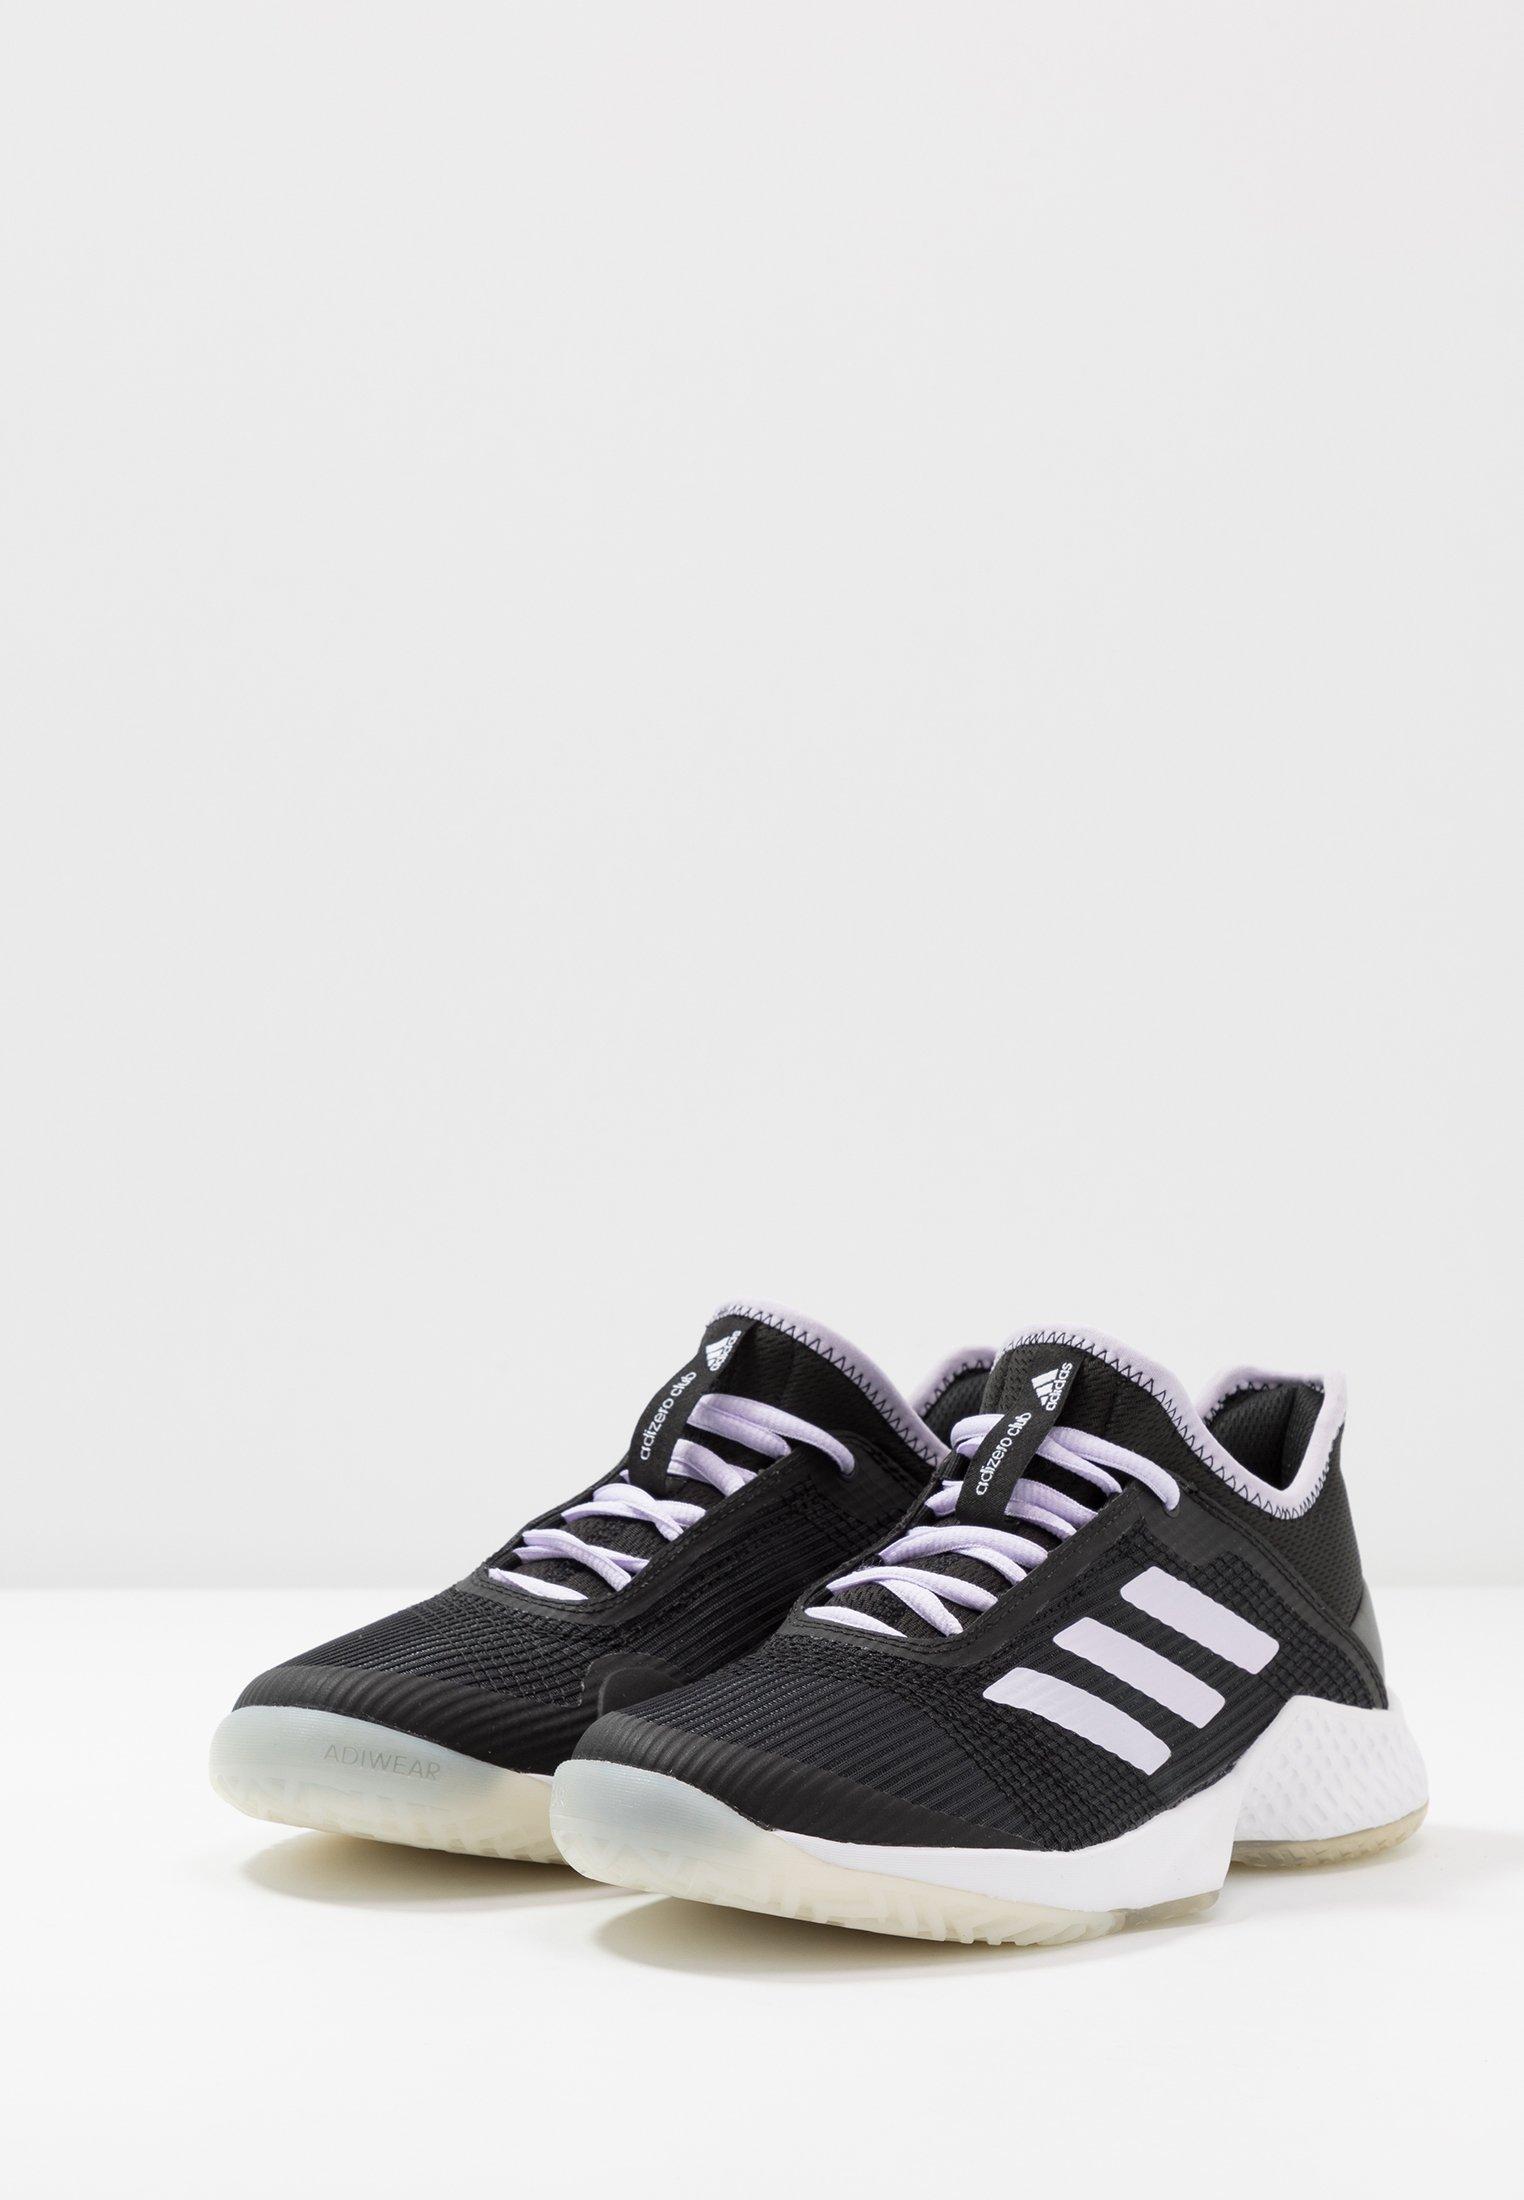 adidas Performance ADIZERO CLUB - Chaussures de tennis toutes surfaces - core black/prurple tint/footwear white - Chaussures de sport femme Classique